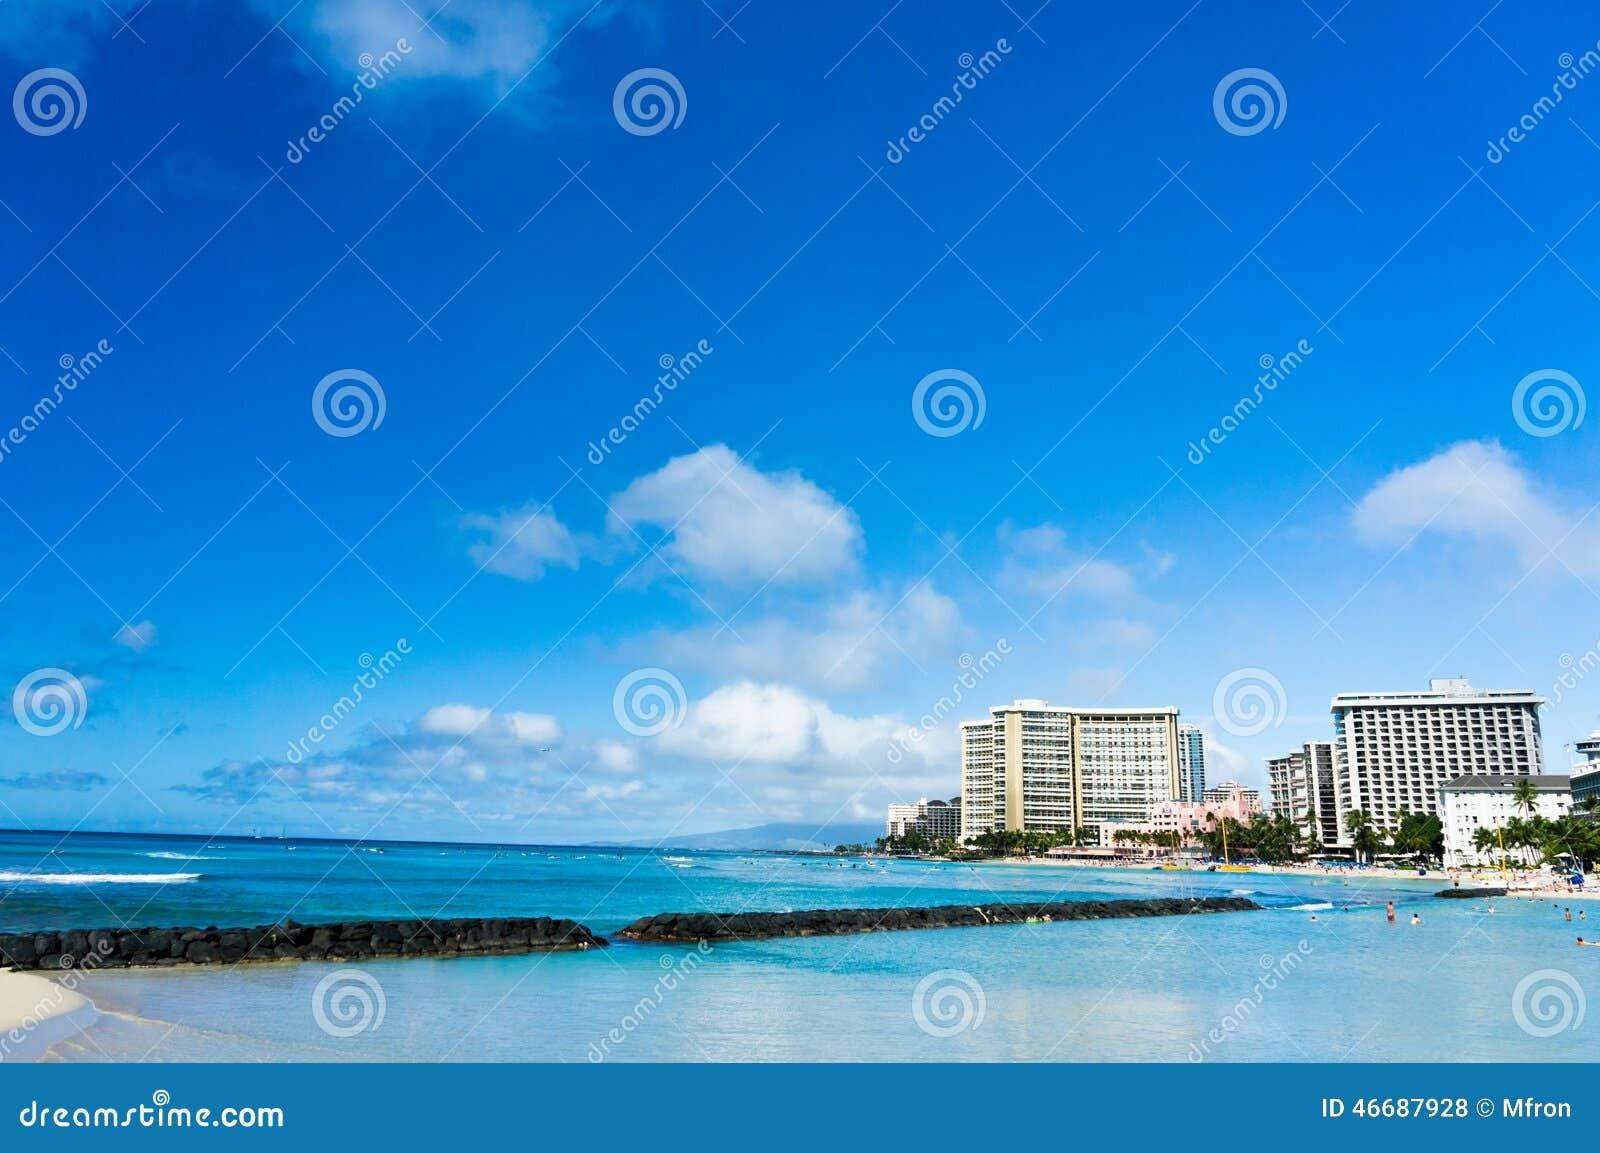 Honolulu, Hawaii, United States